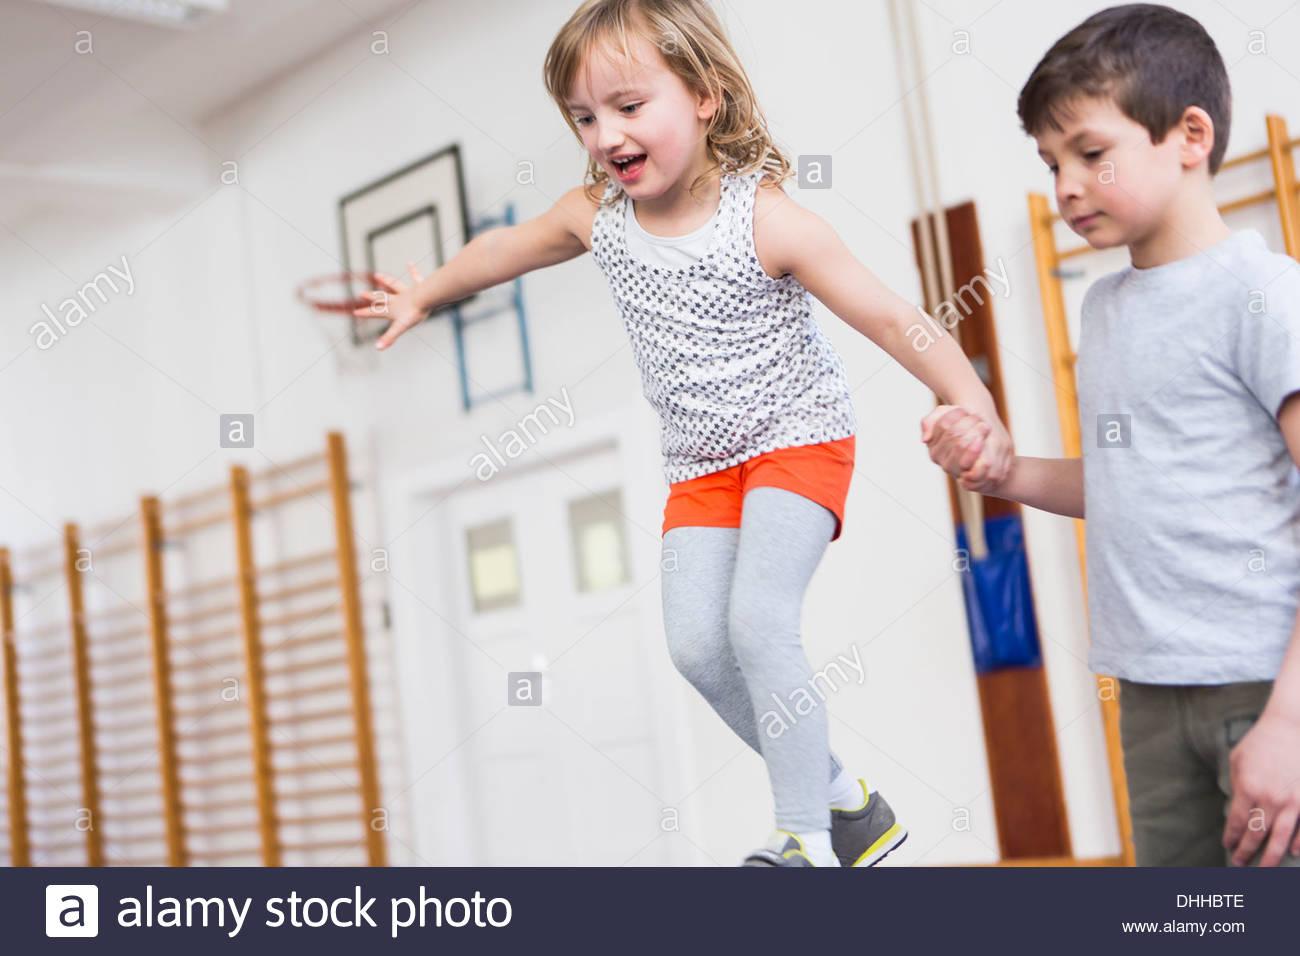 Jungen Mädchens Hand haltend, wie geht sie über den Schwebebalken Stockbild